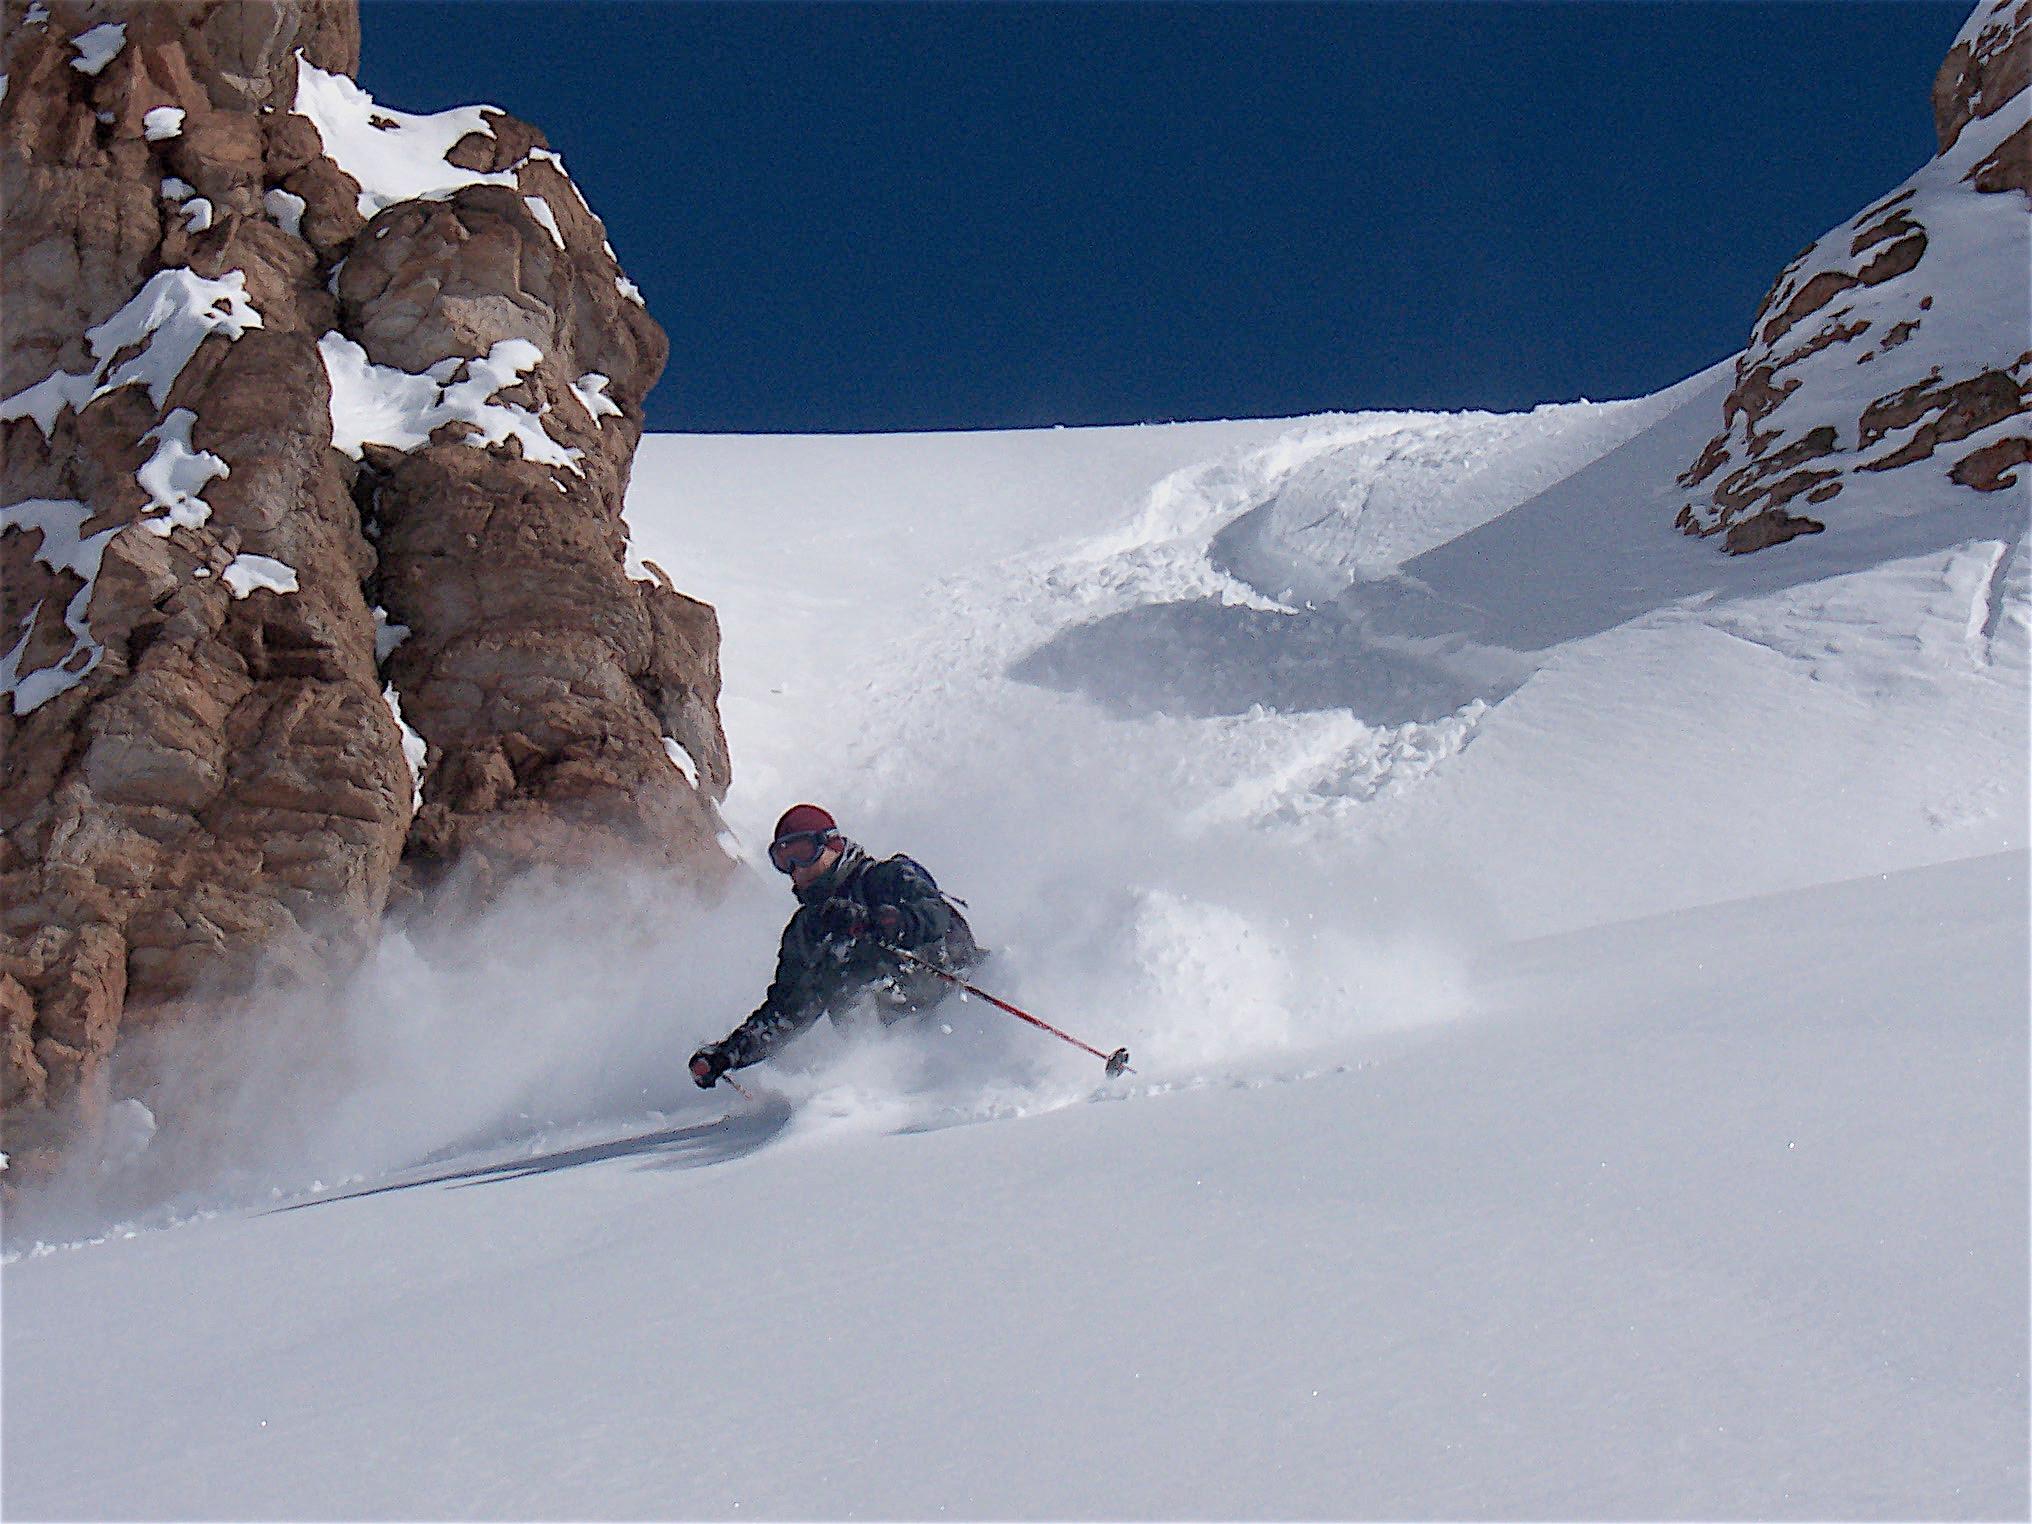 A powder day at El Colorado